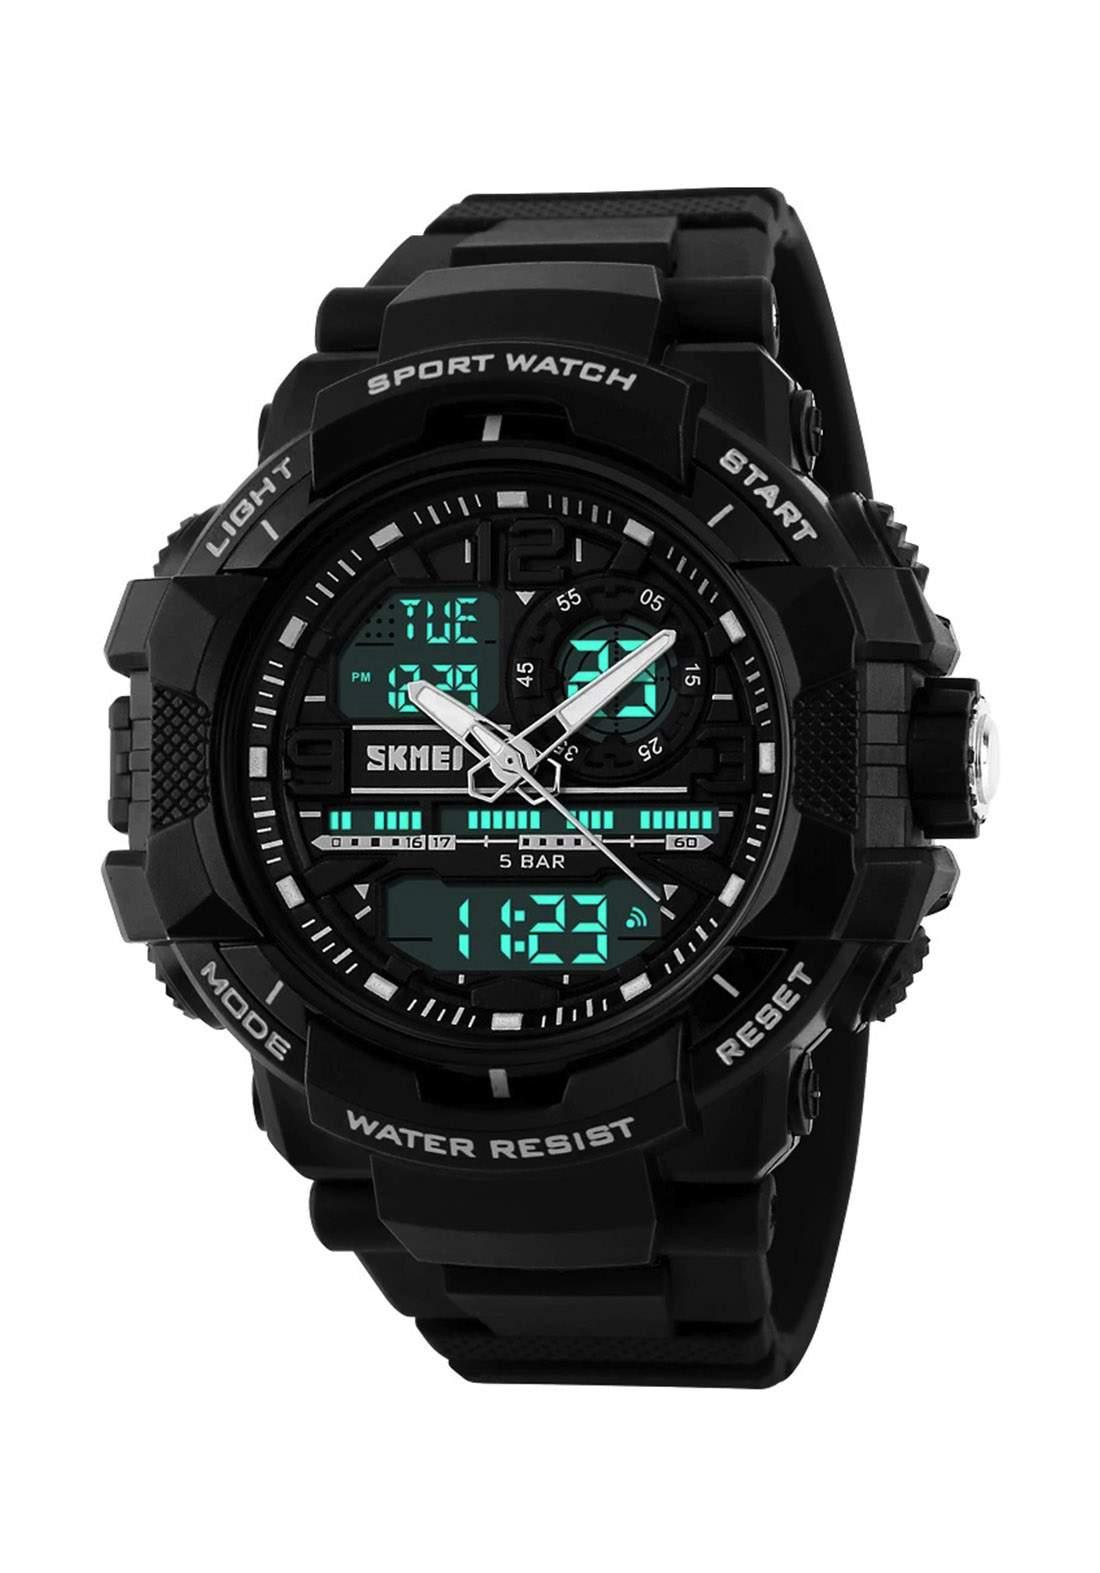 ساعة يد رجالية  سوداء اللونSKMEI 1164 رقمية